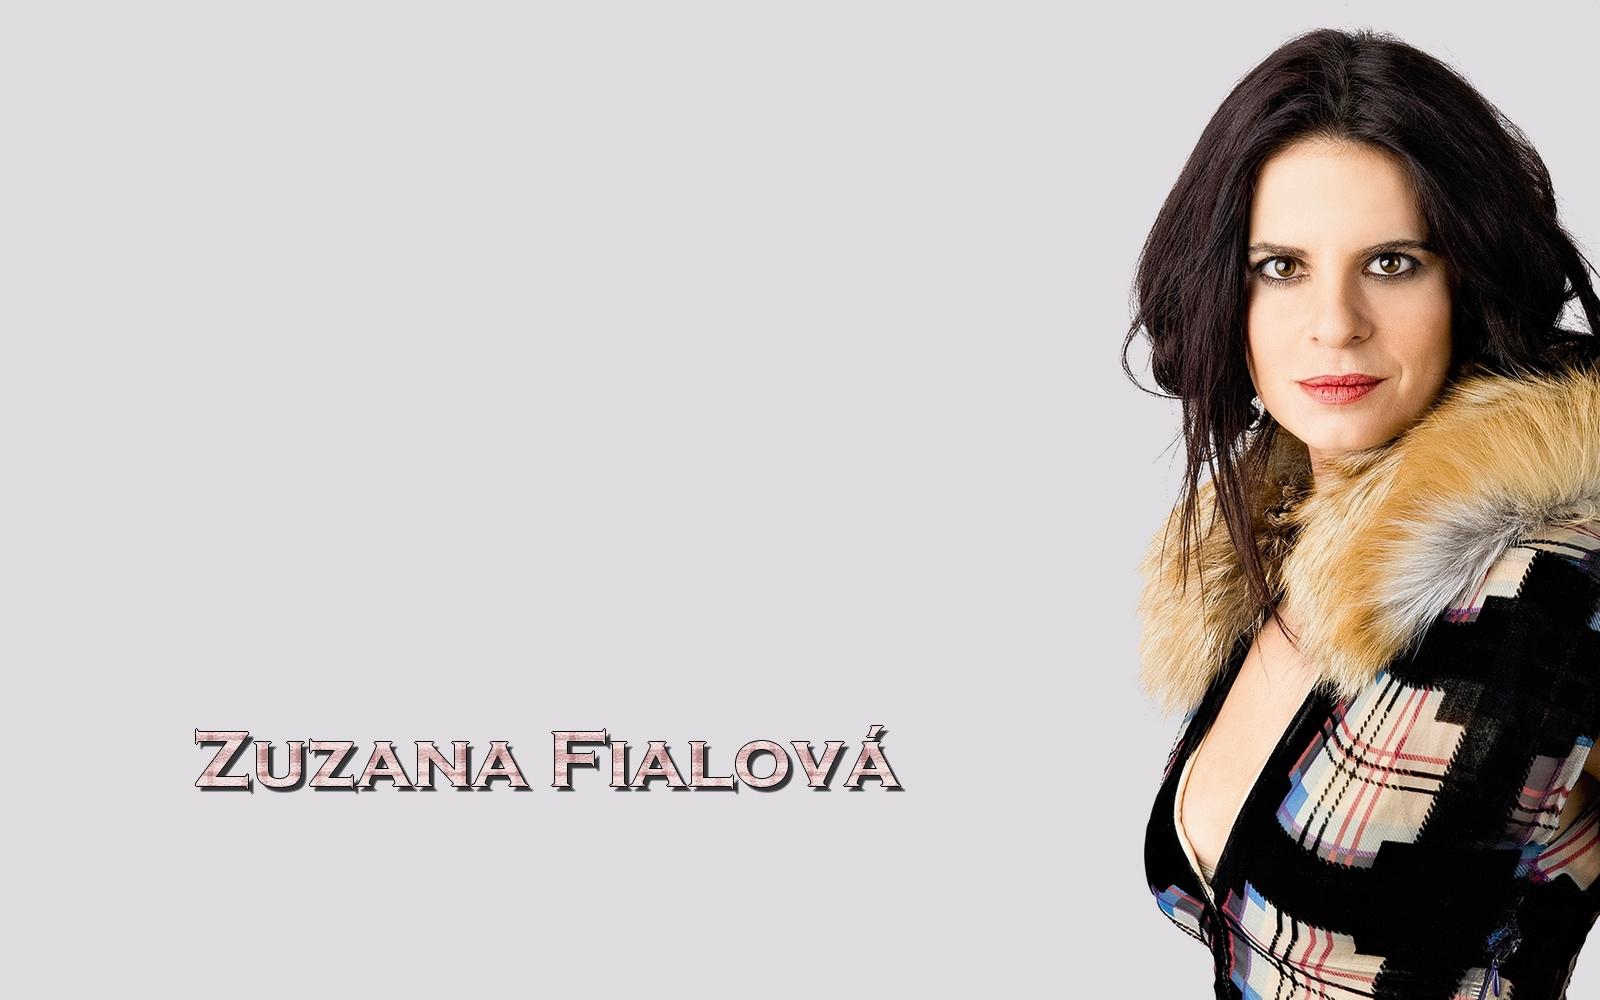 Zuzana Fialová